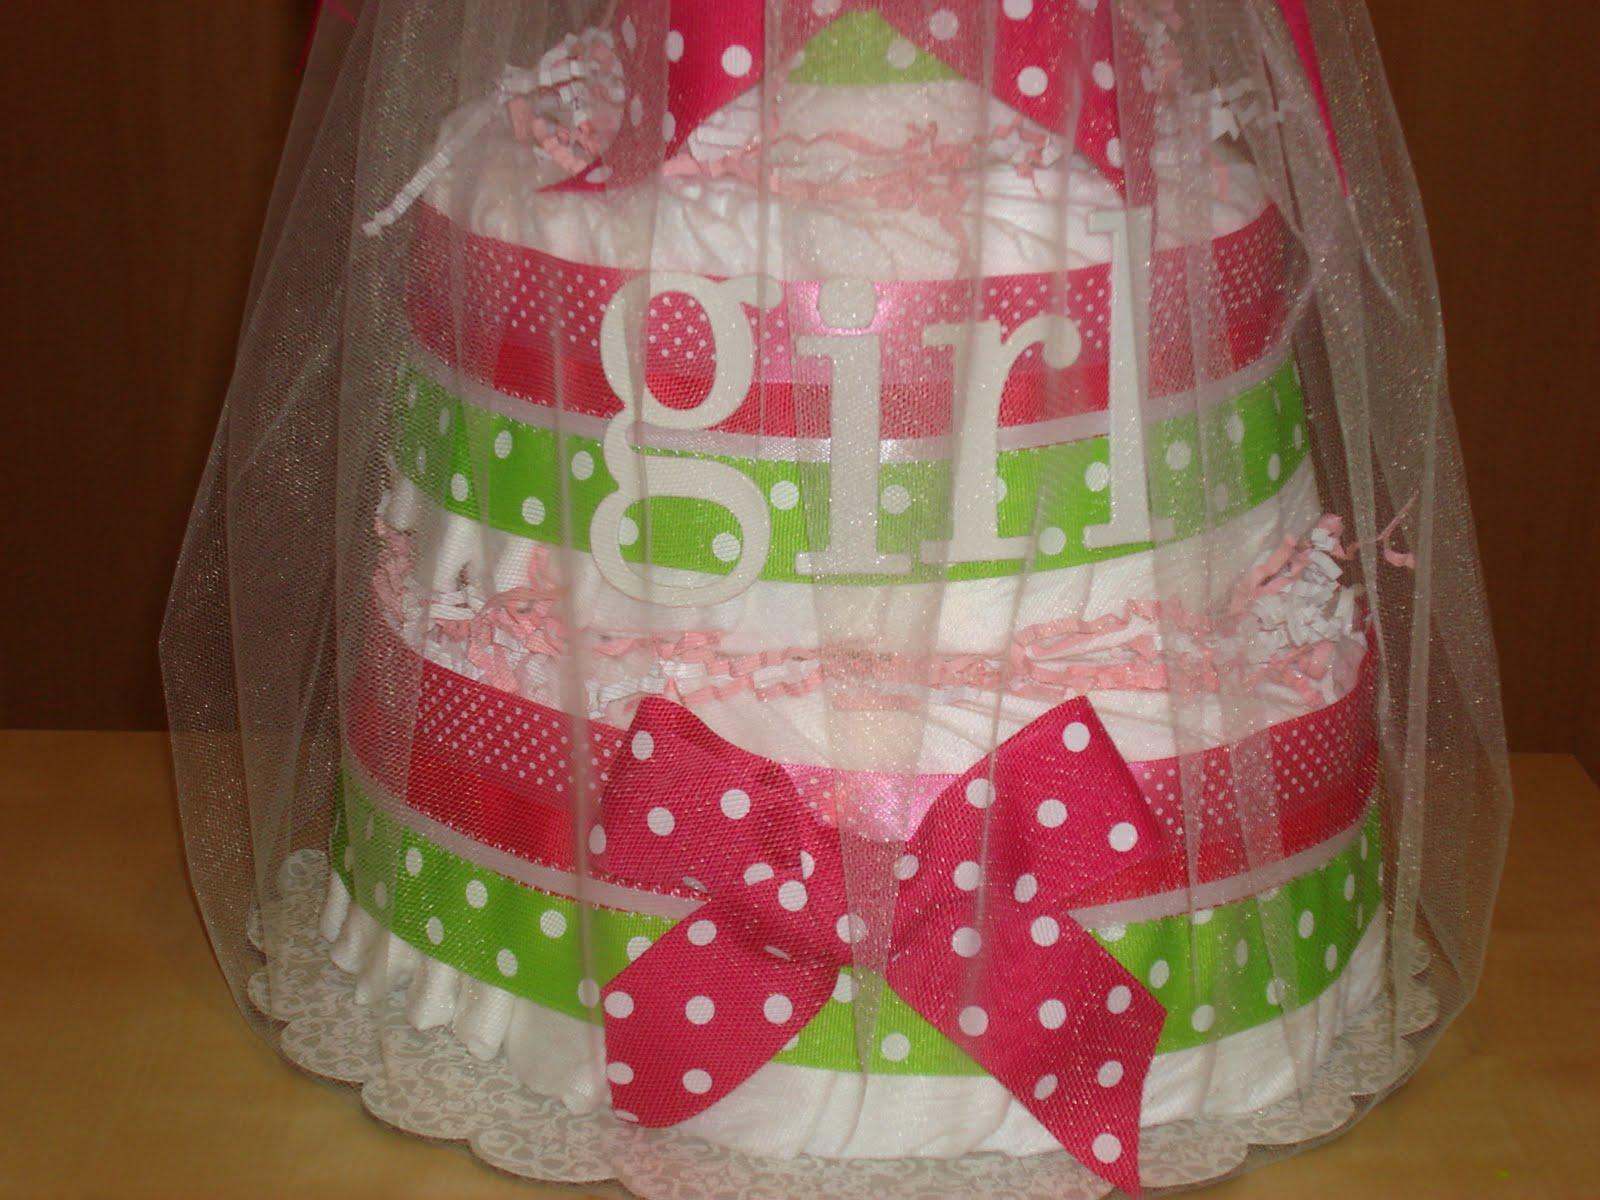 http://2.bp.blogspot.com/_xCsa03jgeNM/TQjcJasbvAI/AAAAAAAAAWw/VxUPVFPNenU/s1600/diaper+cakes+gift.JPG